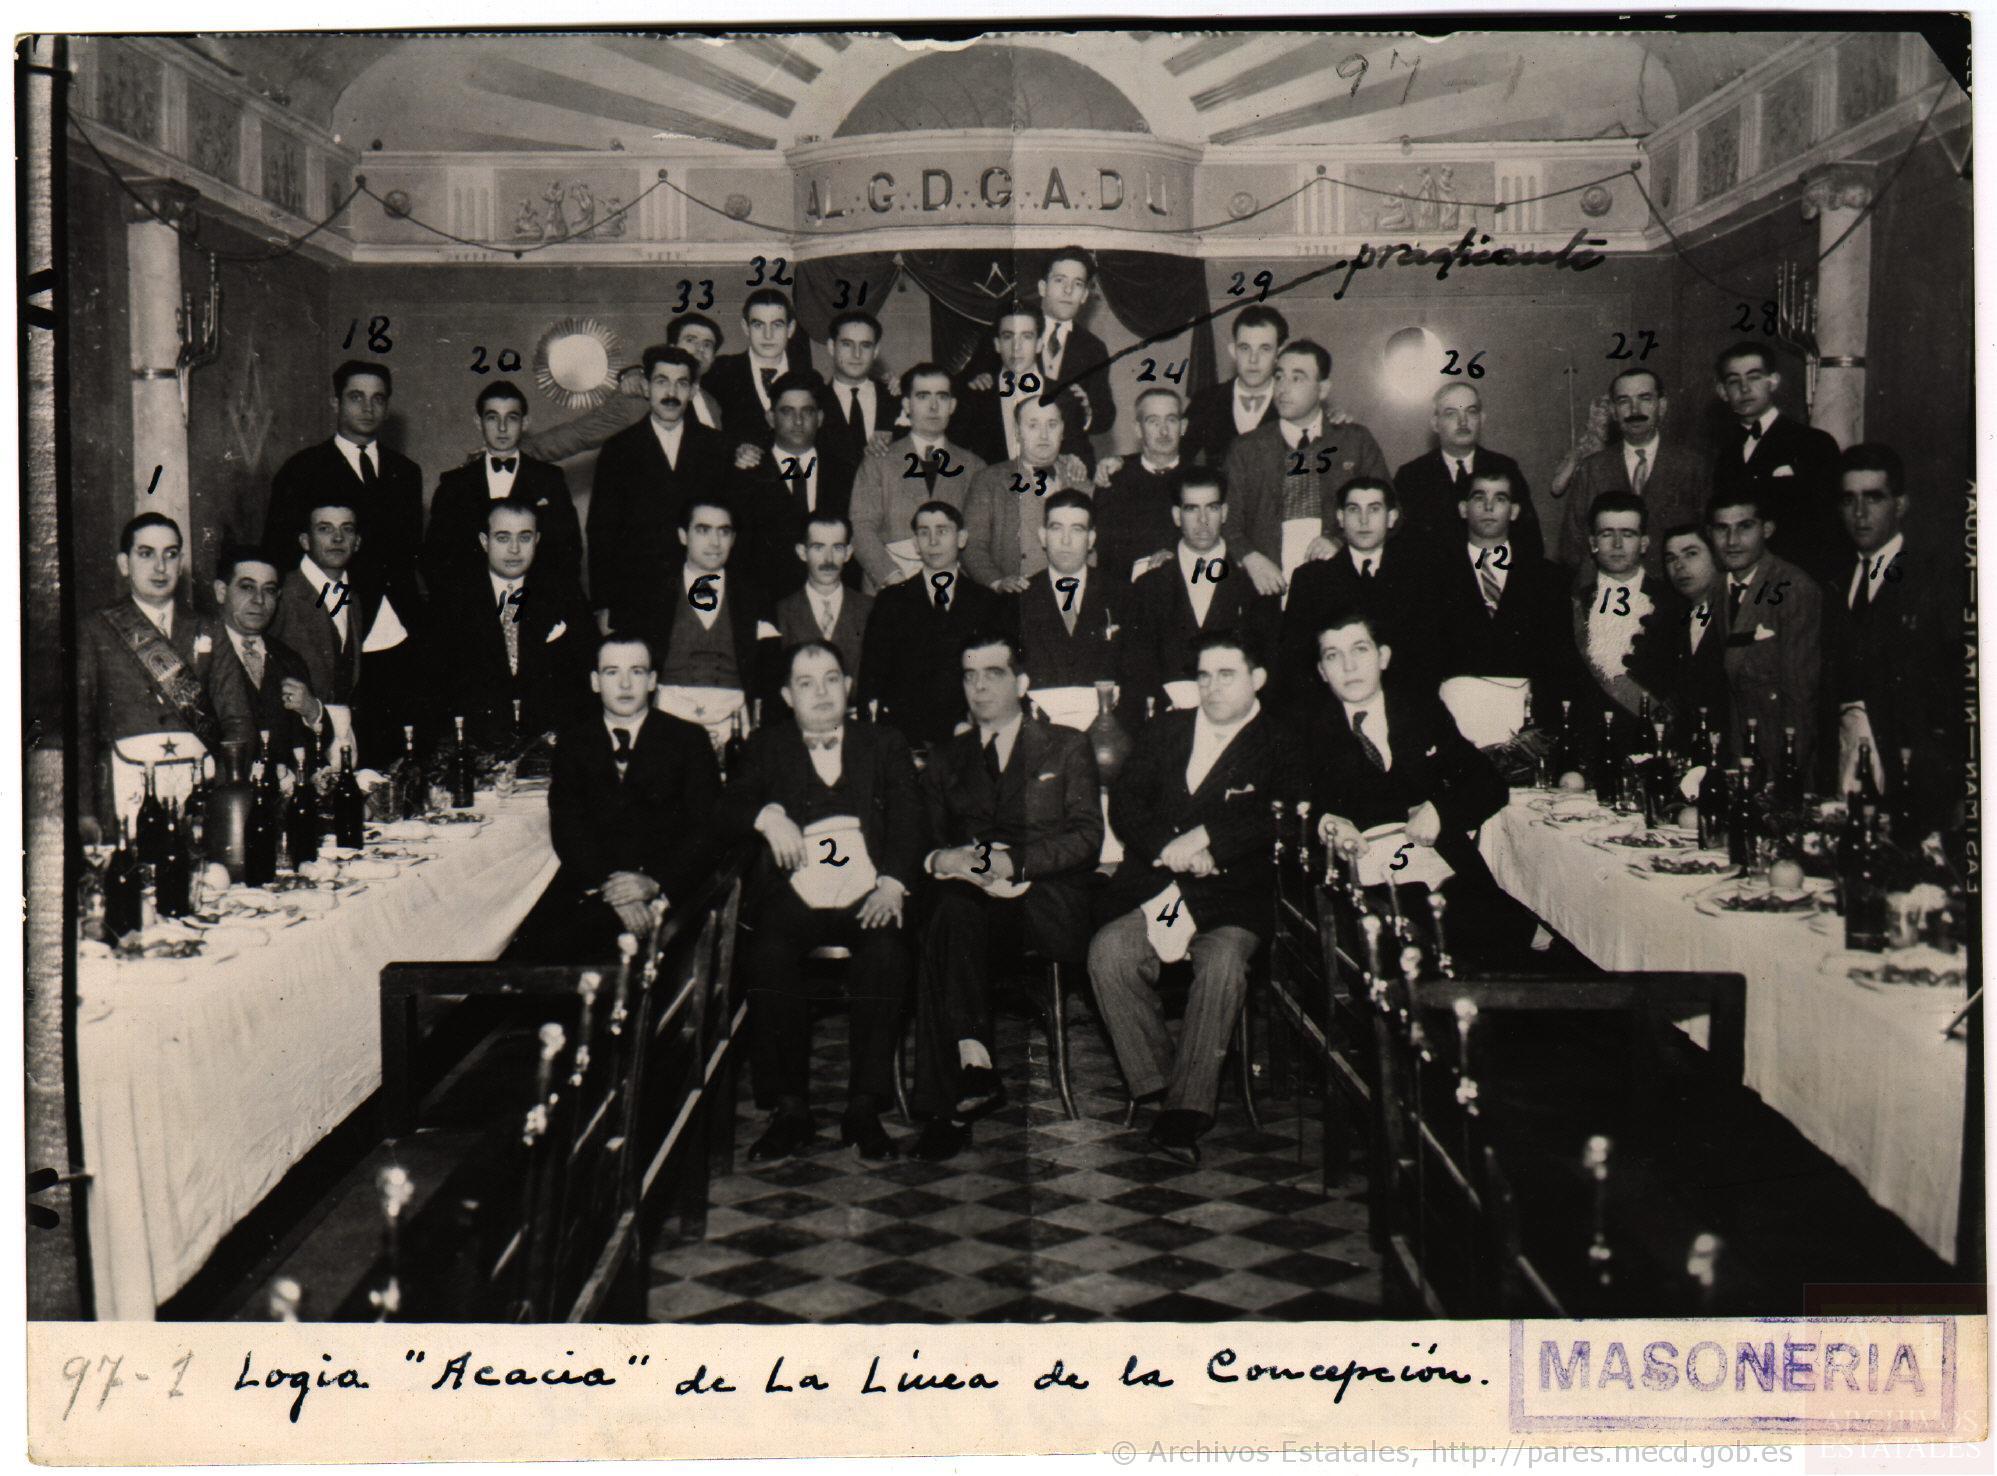 Logia Acacia de la Línea de la Concepción (1938). Archivos Estatales de la Administración